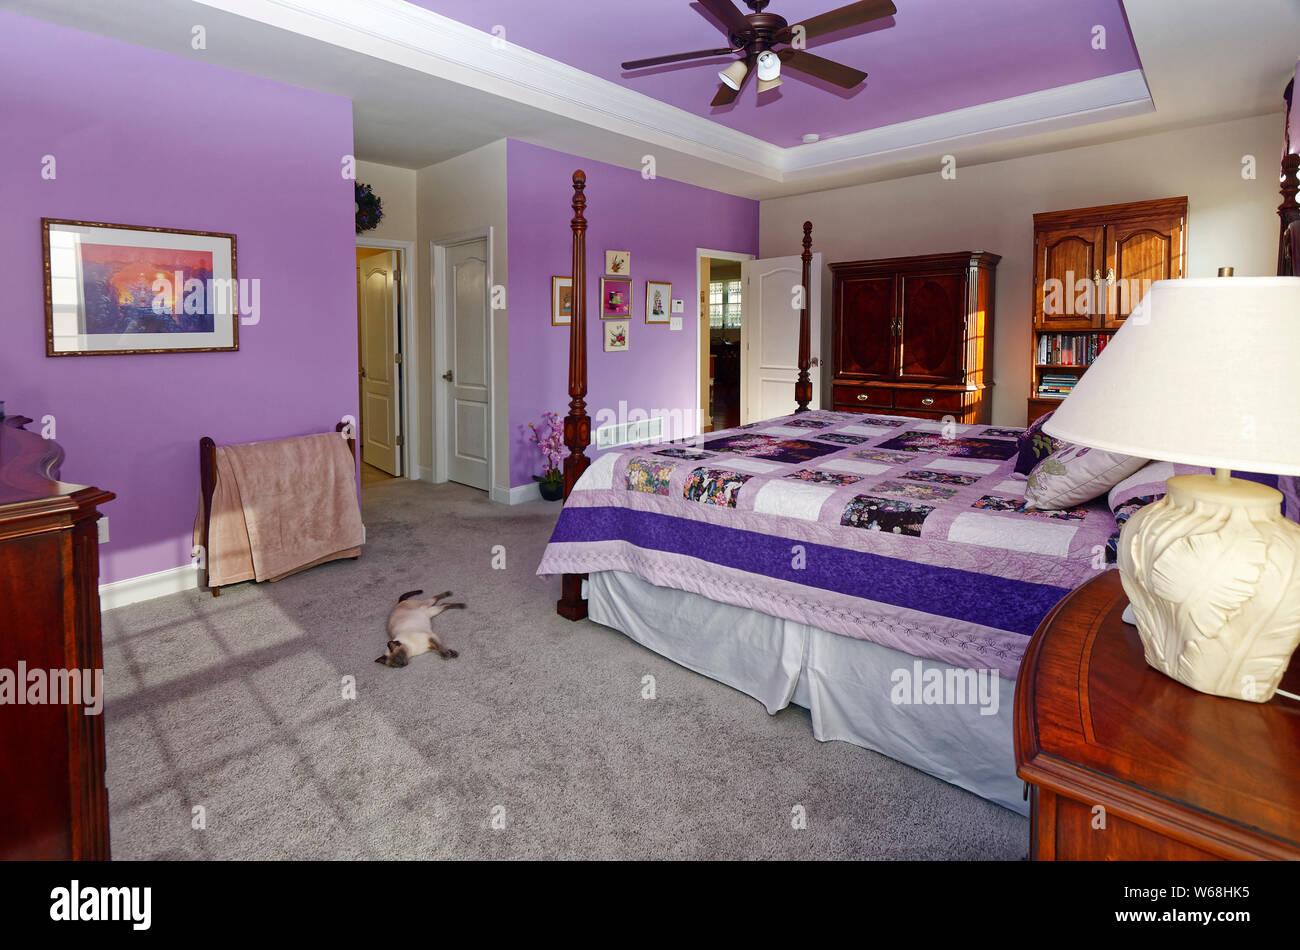 Schlafzimmer, traditionelle Möbel, Teil lavendel Wände und ...